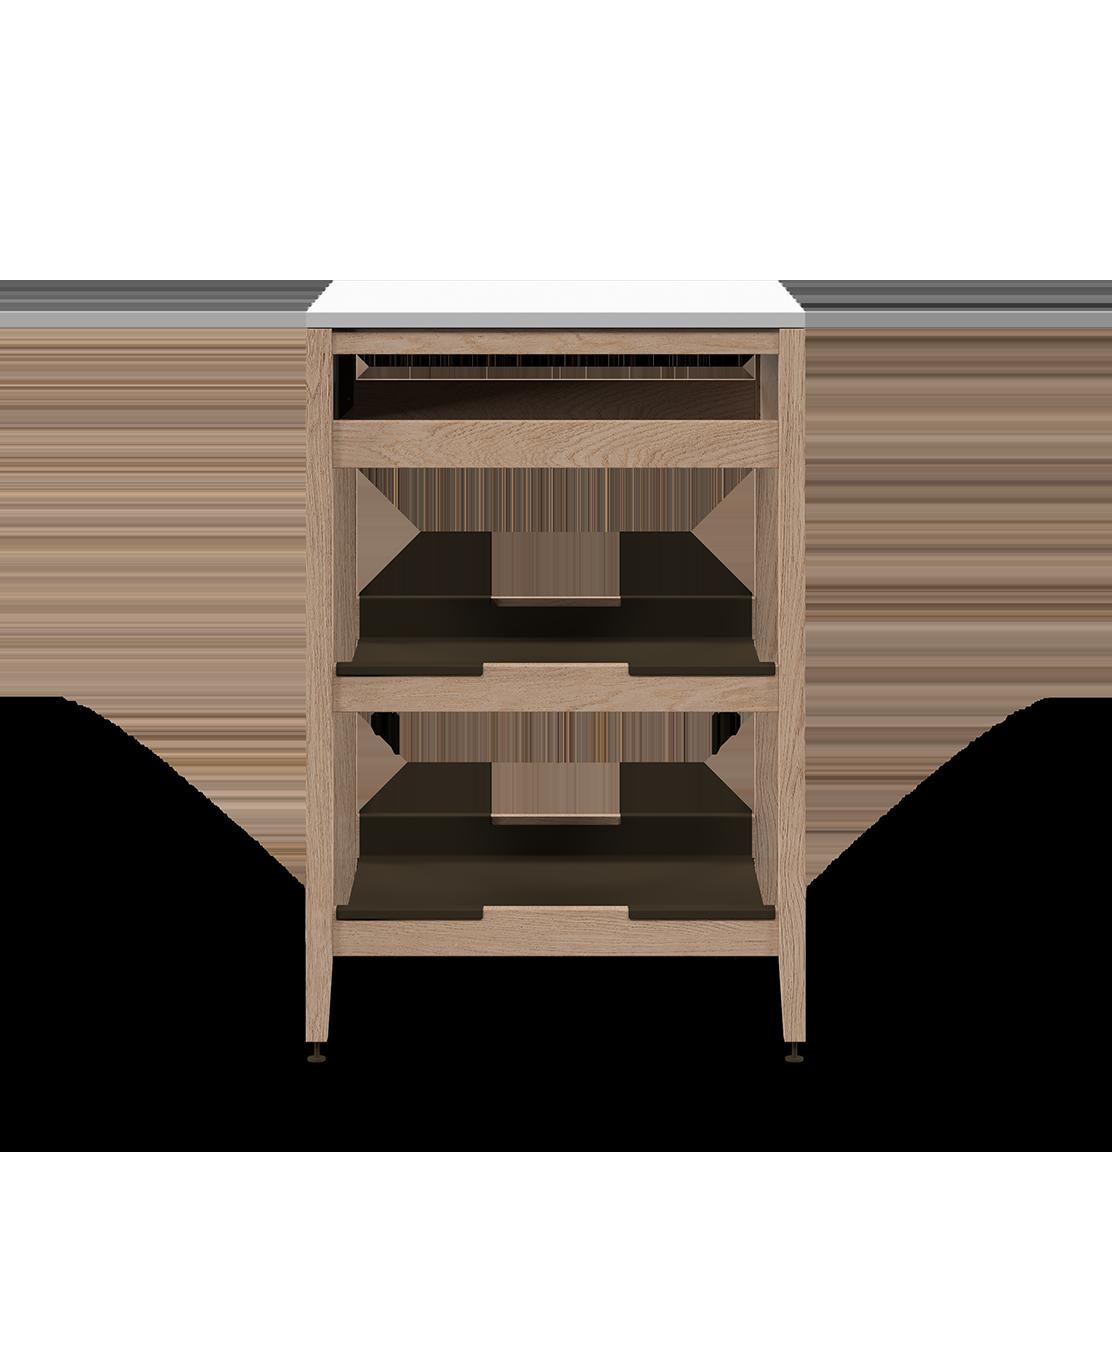 armoire de cuisine de coin modulaire inférieure en bois massif coquo radix avec 2 tablettes façade fixe chêne blanc 24 pouces C1-CC-24SB-0021-NA